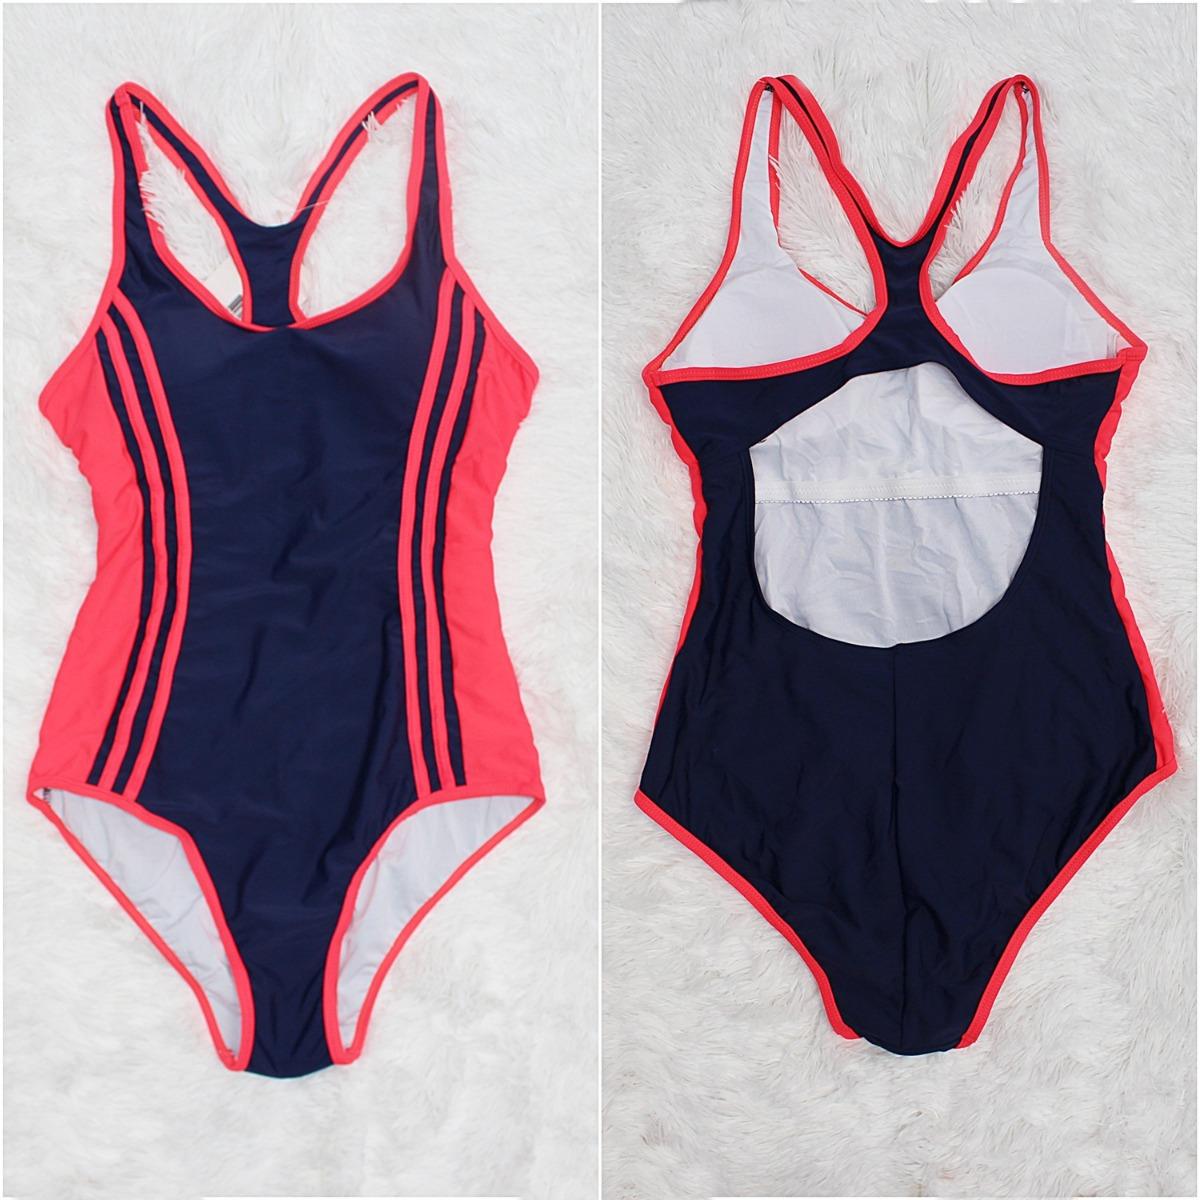 44425716e4a maio hidroginastica estilo adidas nike para natação 8138.  Carregando zoom. 739522c7d53 Maiô Adidas Azul 3s ... 1790ad8262a